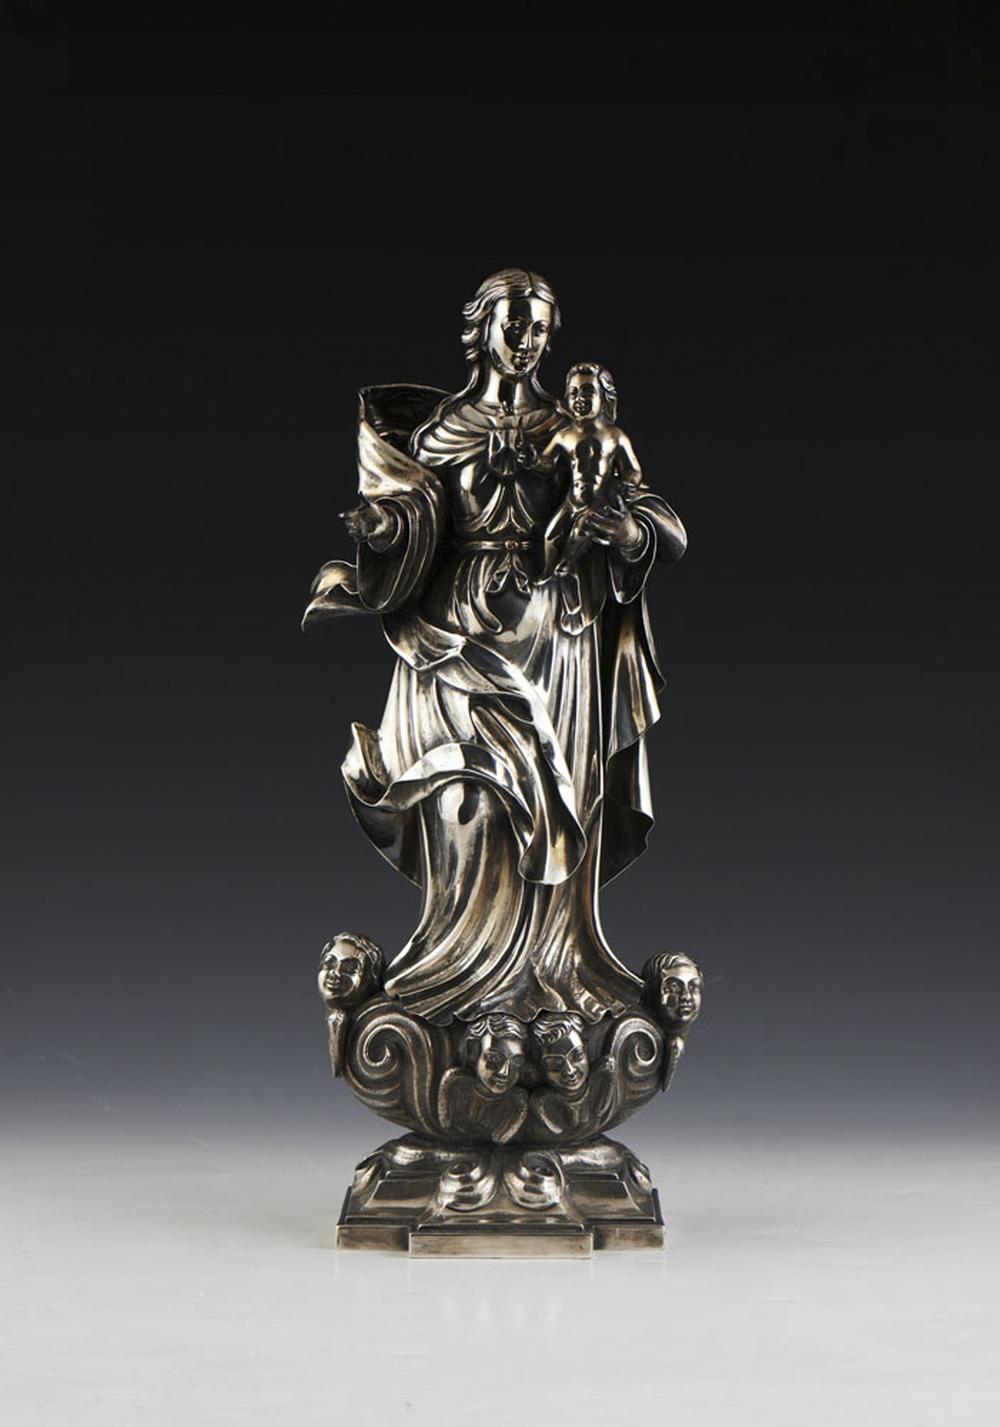 Nossa Senhora c/ Menino Jesus, esc. prata, P.1486g